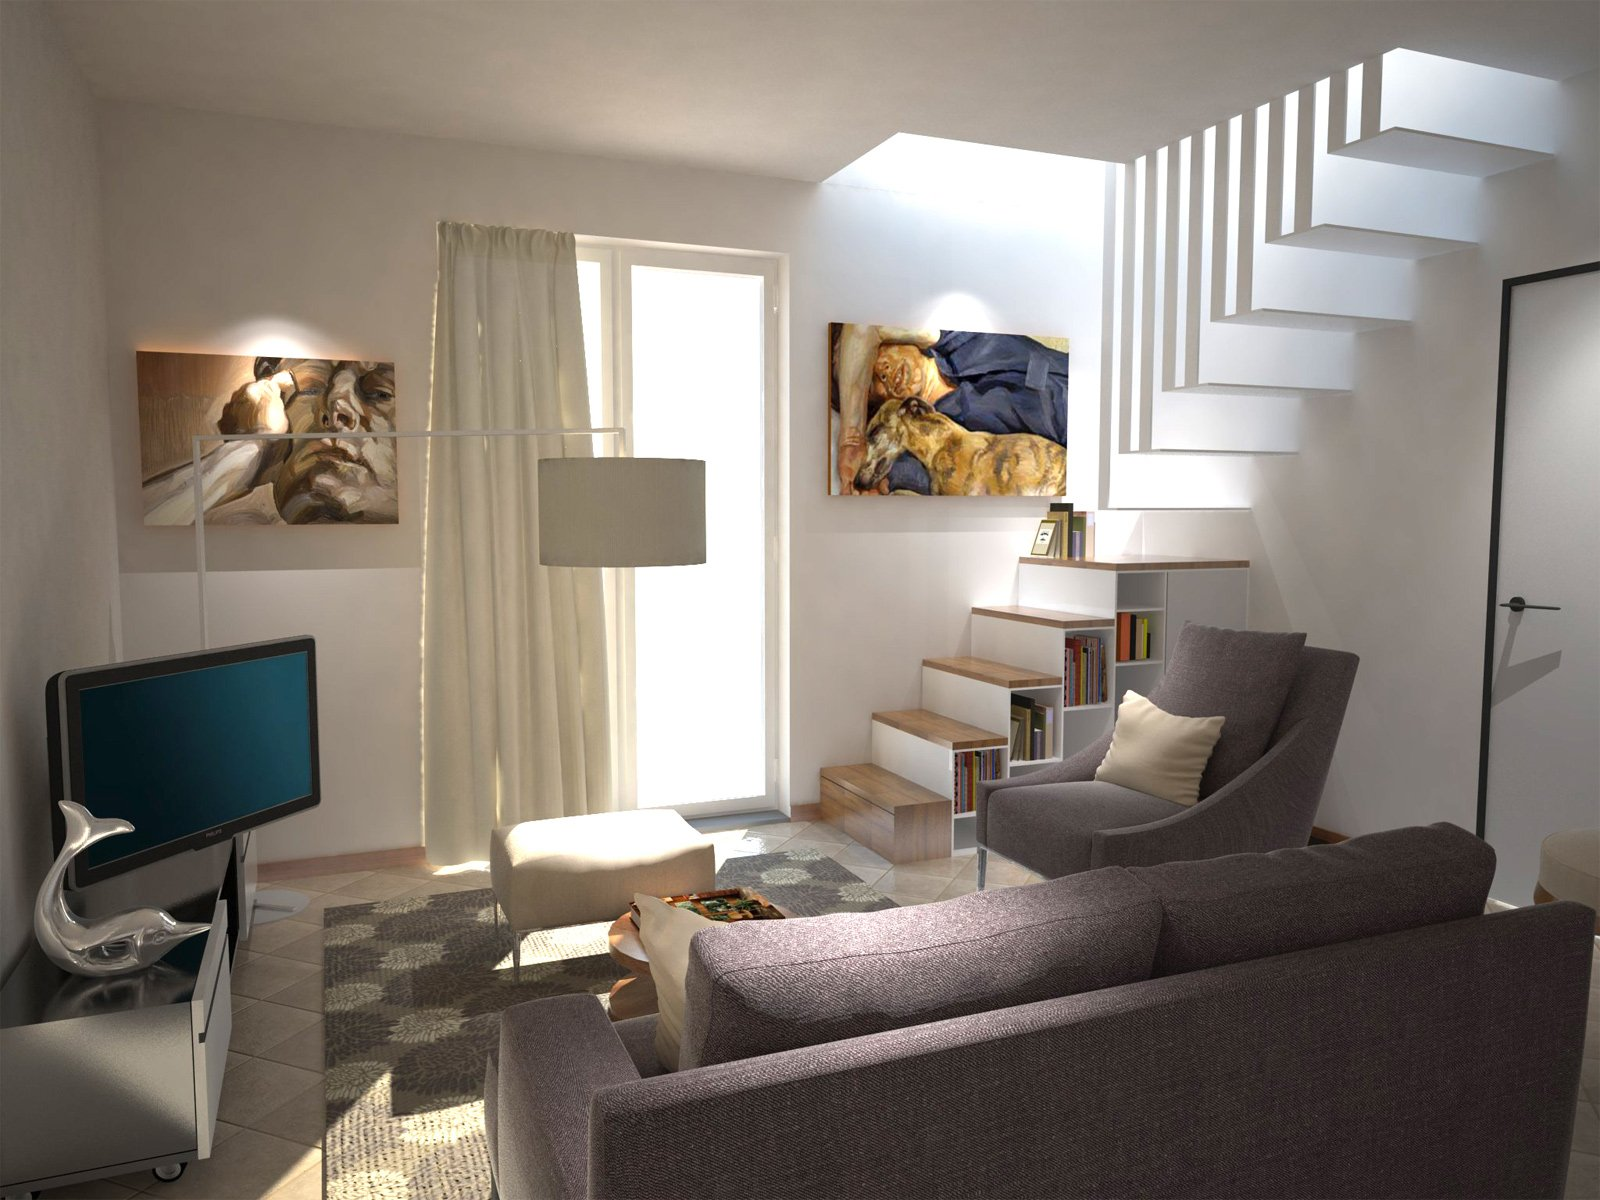 Arredare un soggiorno con tante aperture sulle pareti for Ad giornale di arredamento